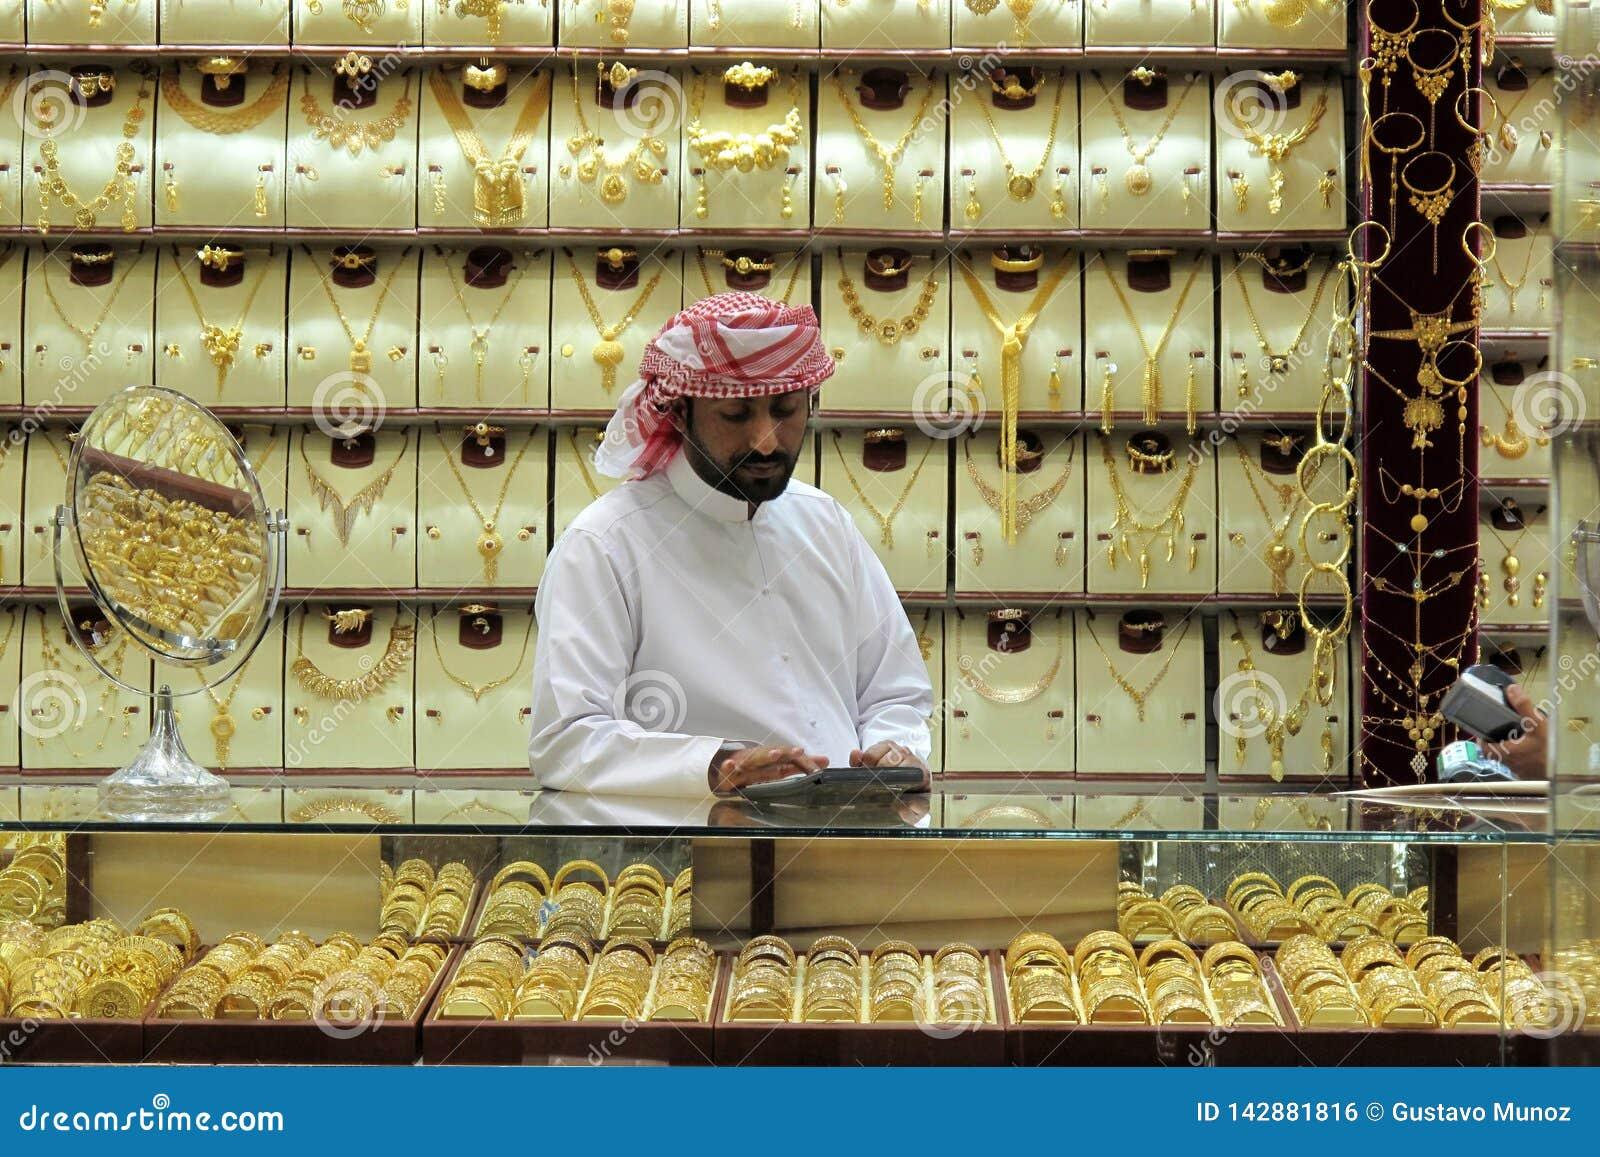 Дубай, ОАЭ - 3-ье марта 2017: Продавец золота внутри ювелирных изделий в souk золота Дубай